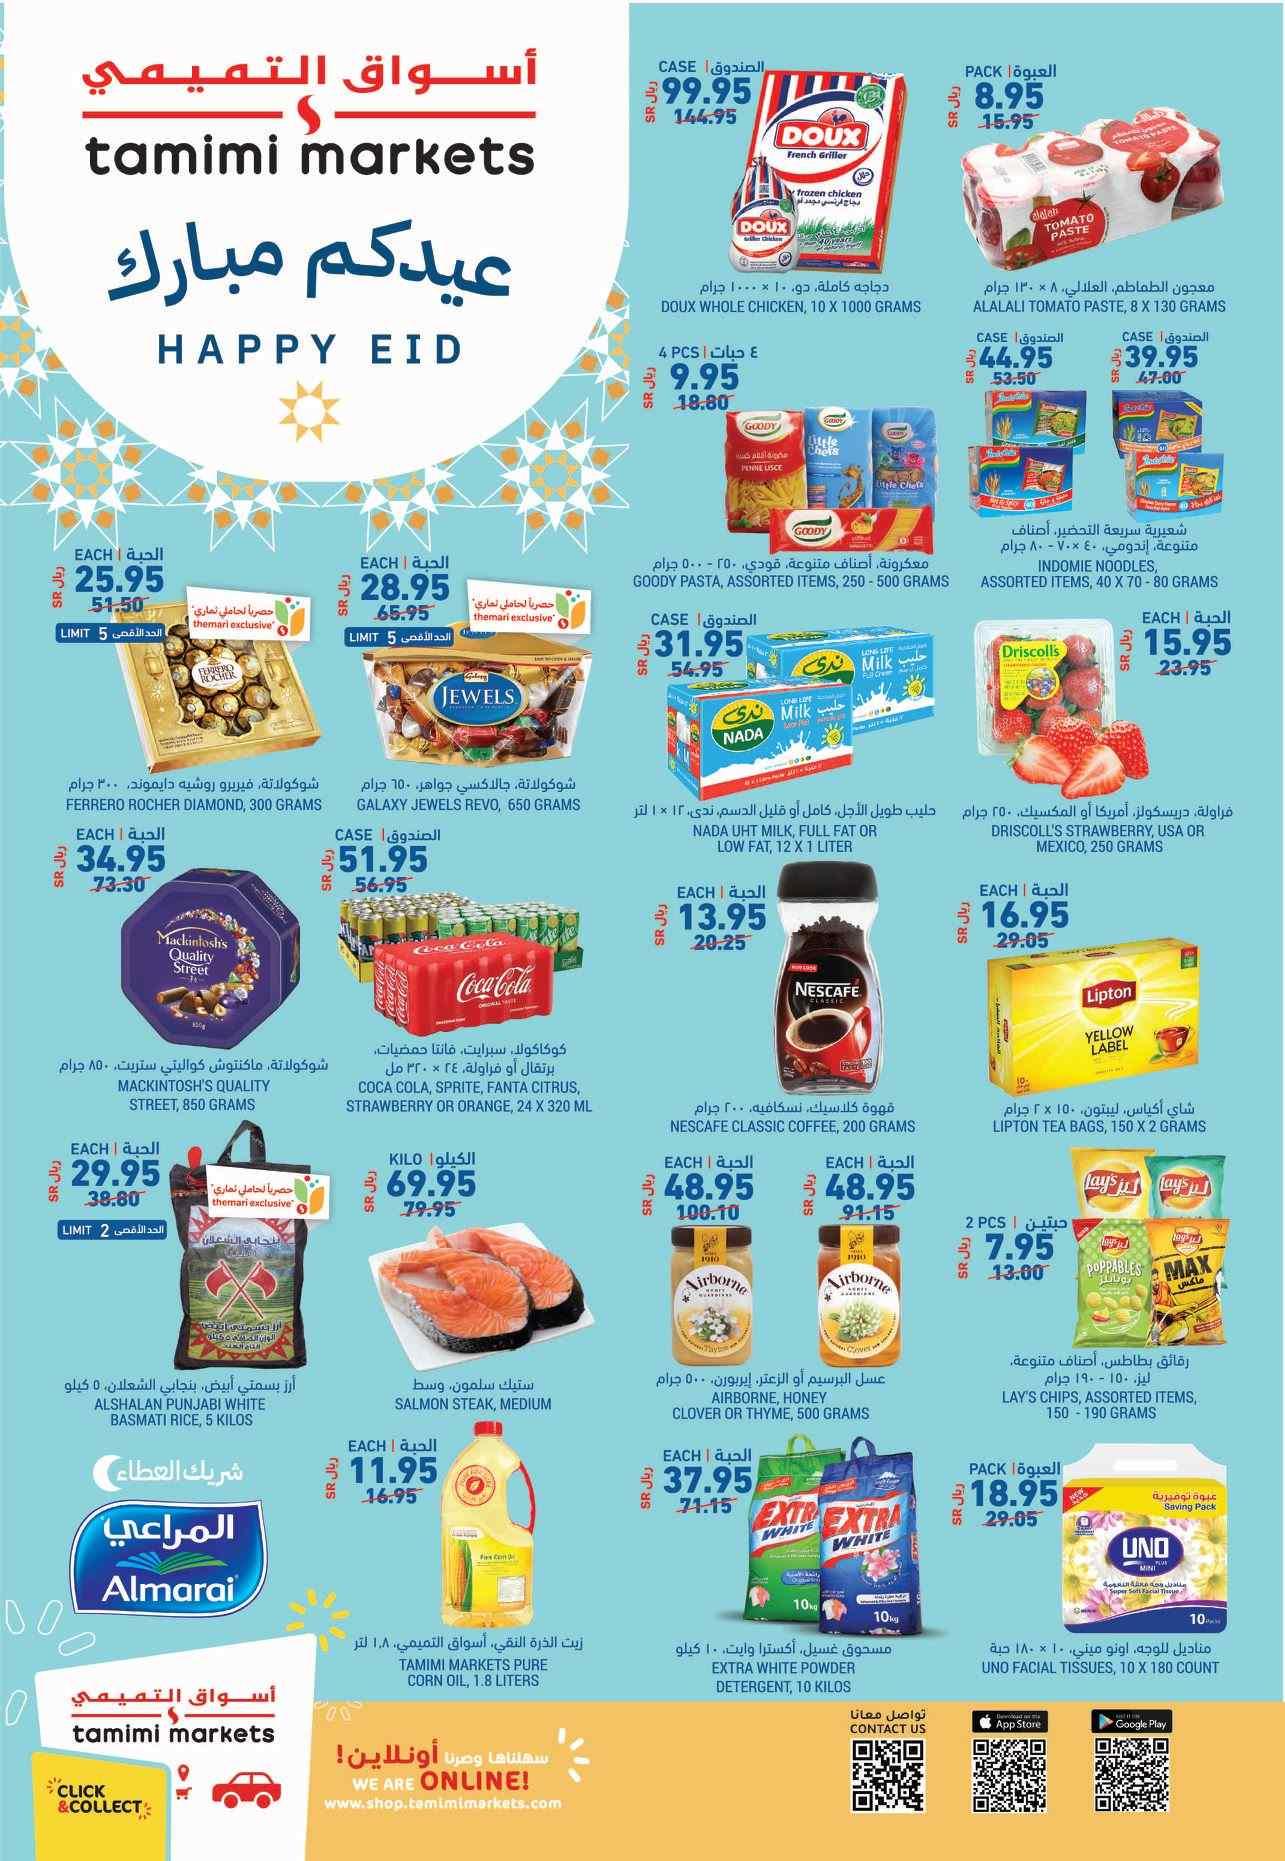 عروض التميمى السعودية من 12 مايو حتى 18 مايو 2021 عيدكم مبارك